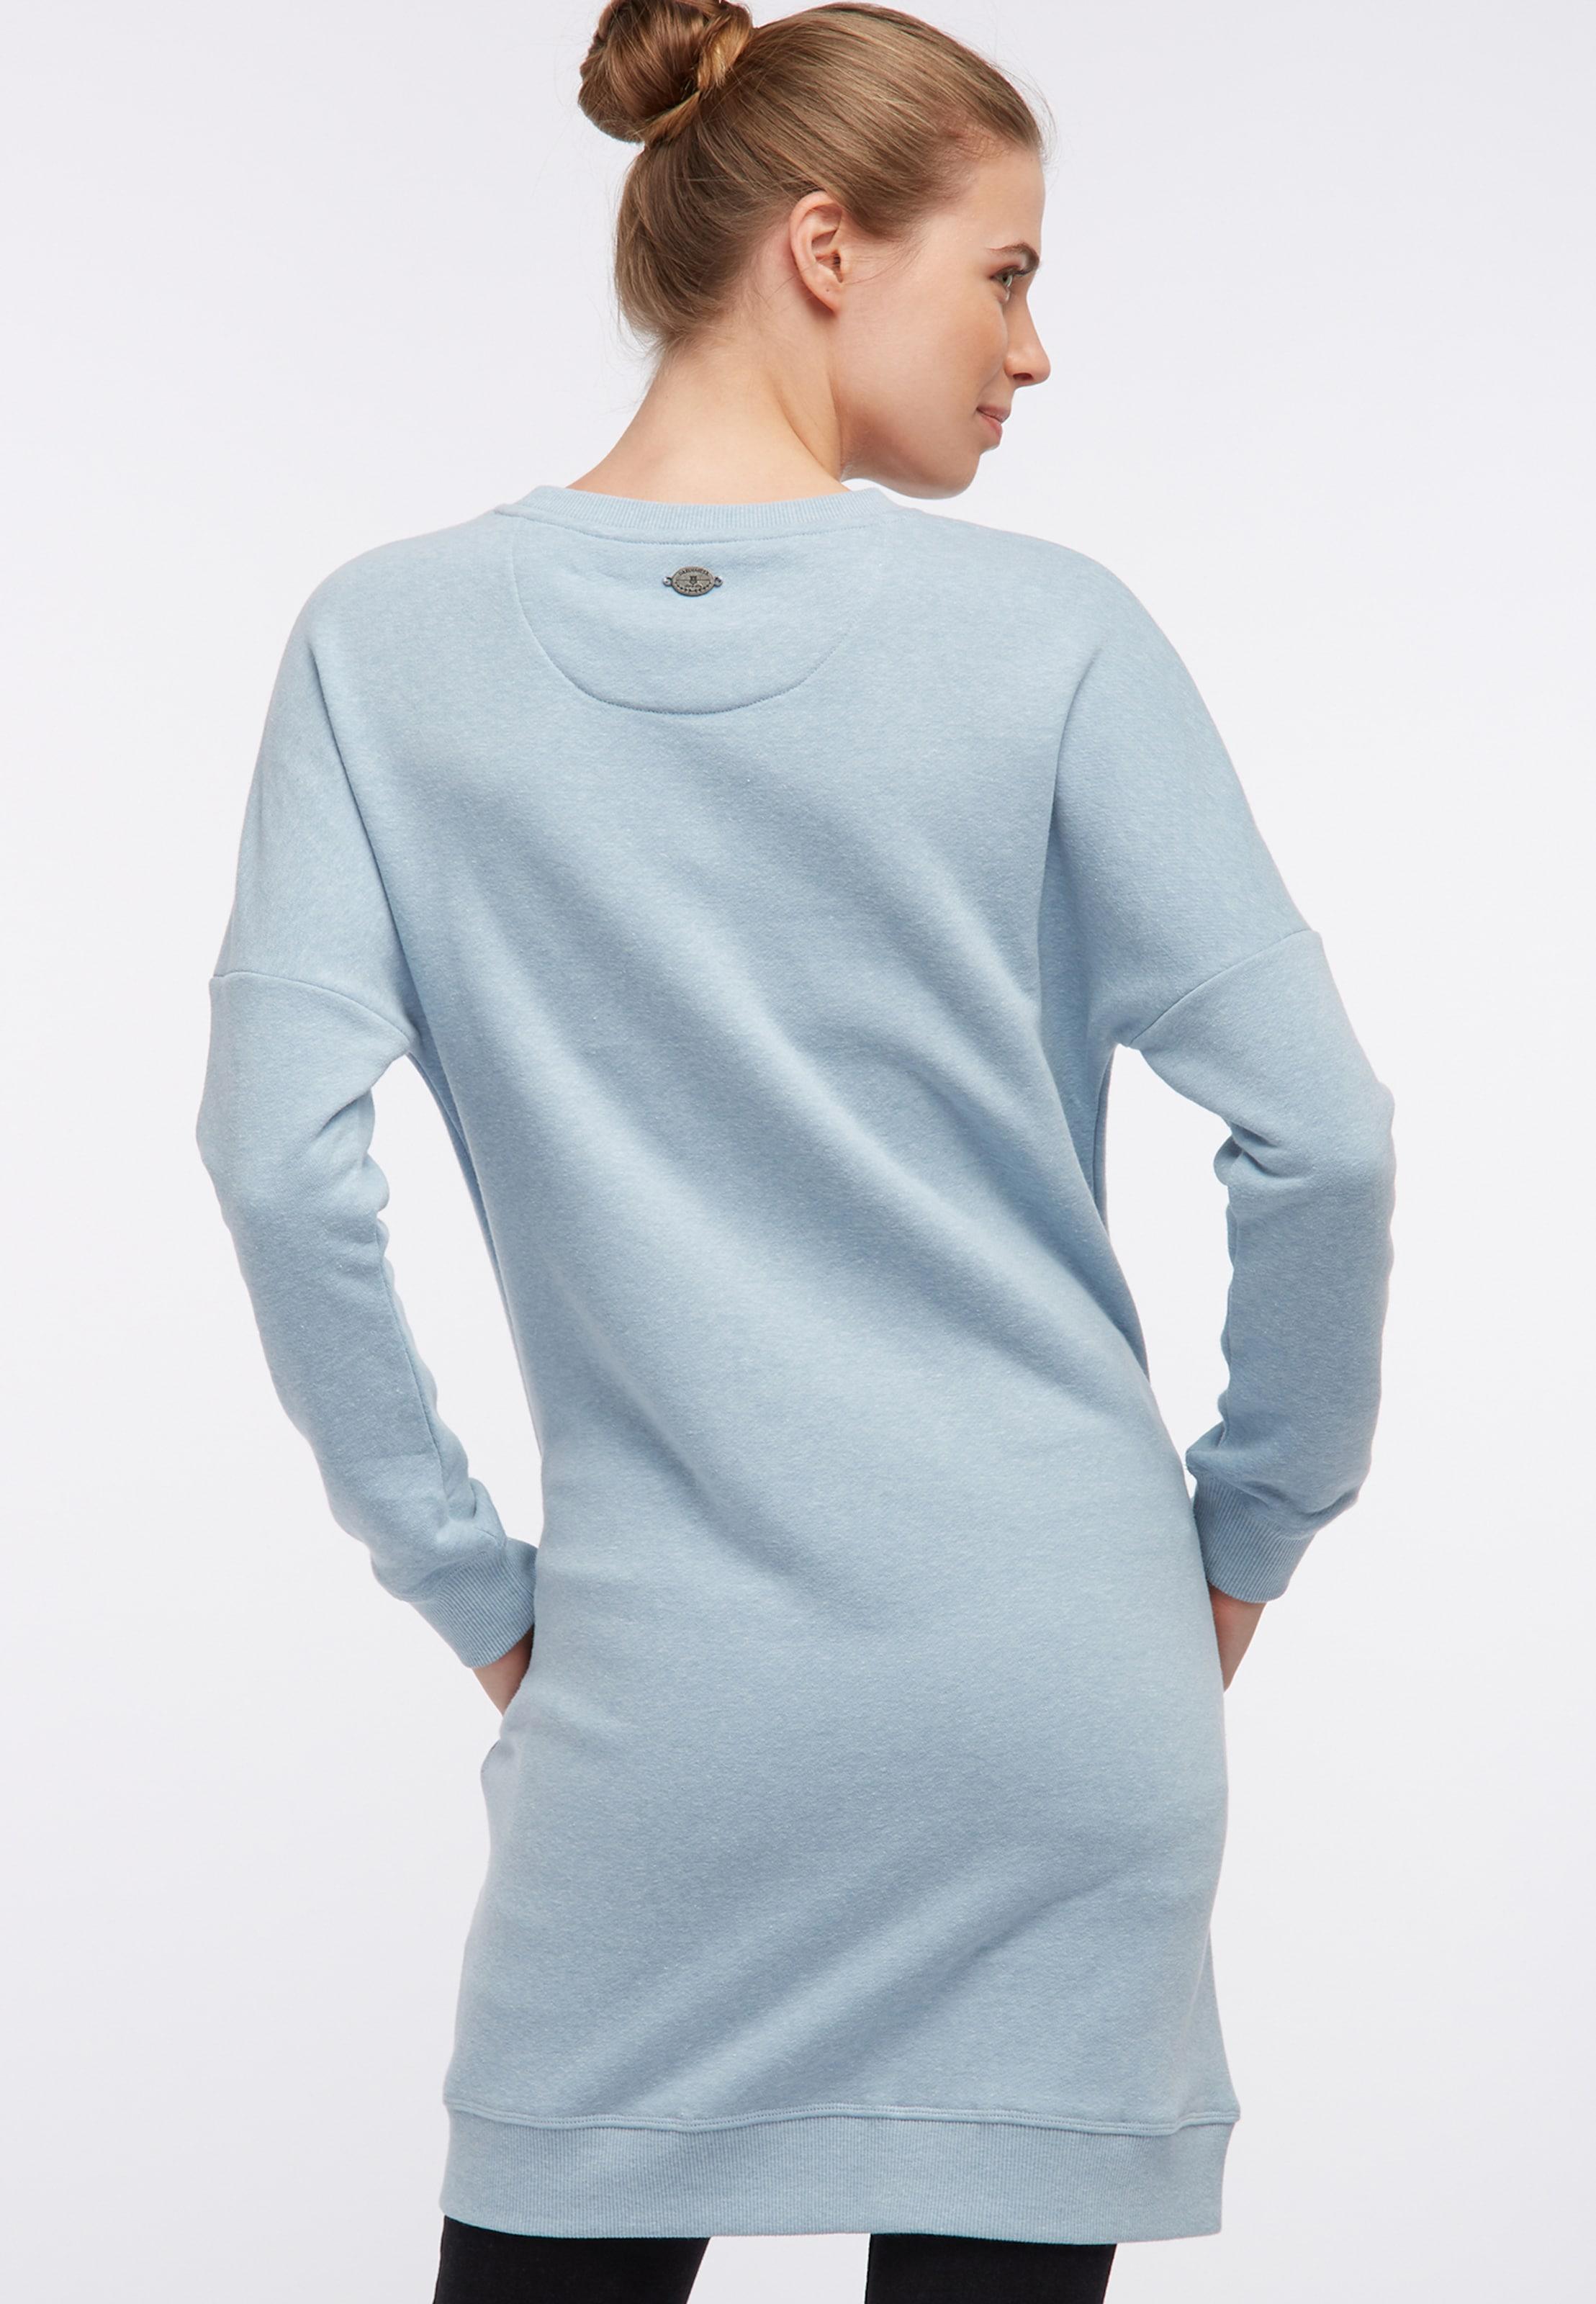 Dreimaster Dreimaster Kleid In Kleid In Hellblau Hellblau k08OPwnX